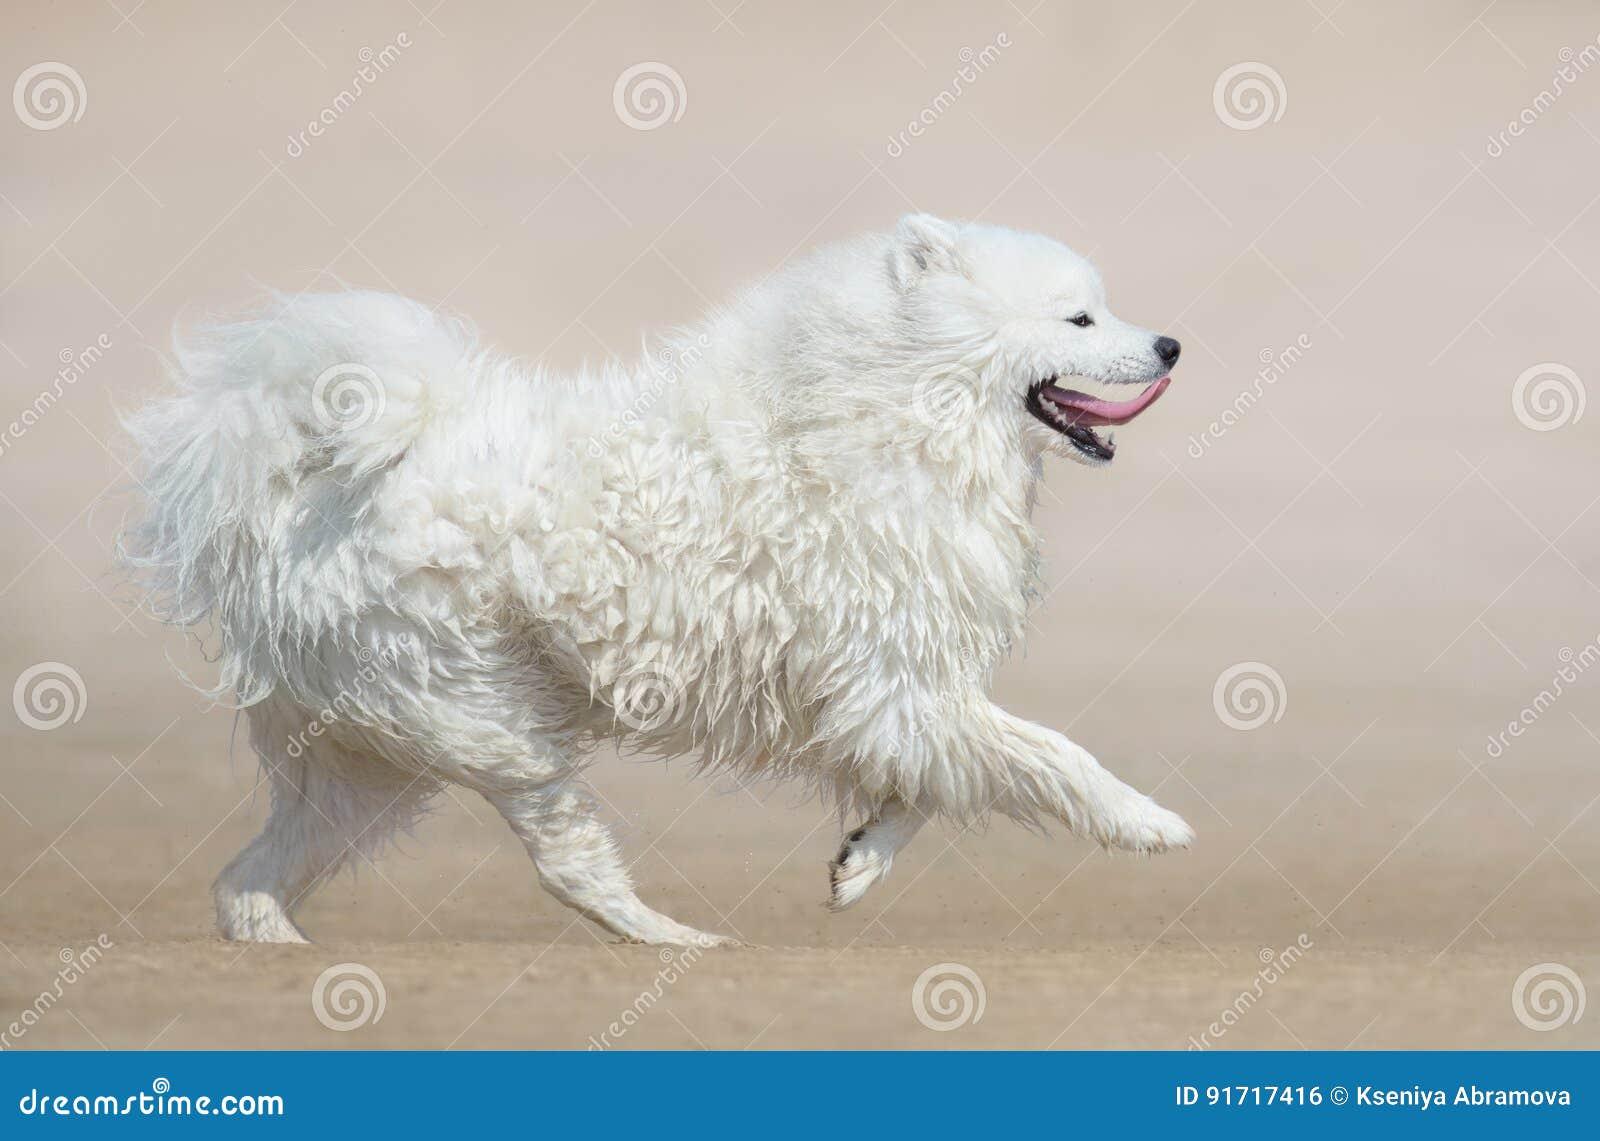 Perro mullido blanco del perro del samoyedo de la raza que corre en la playa